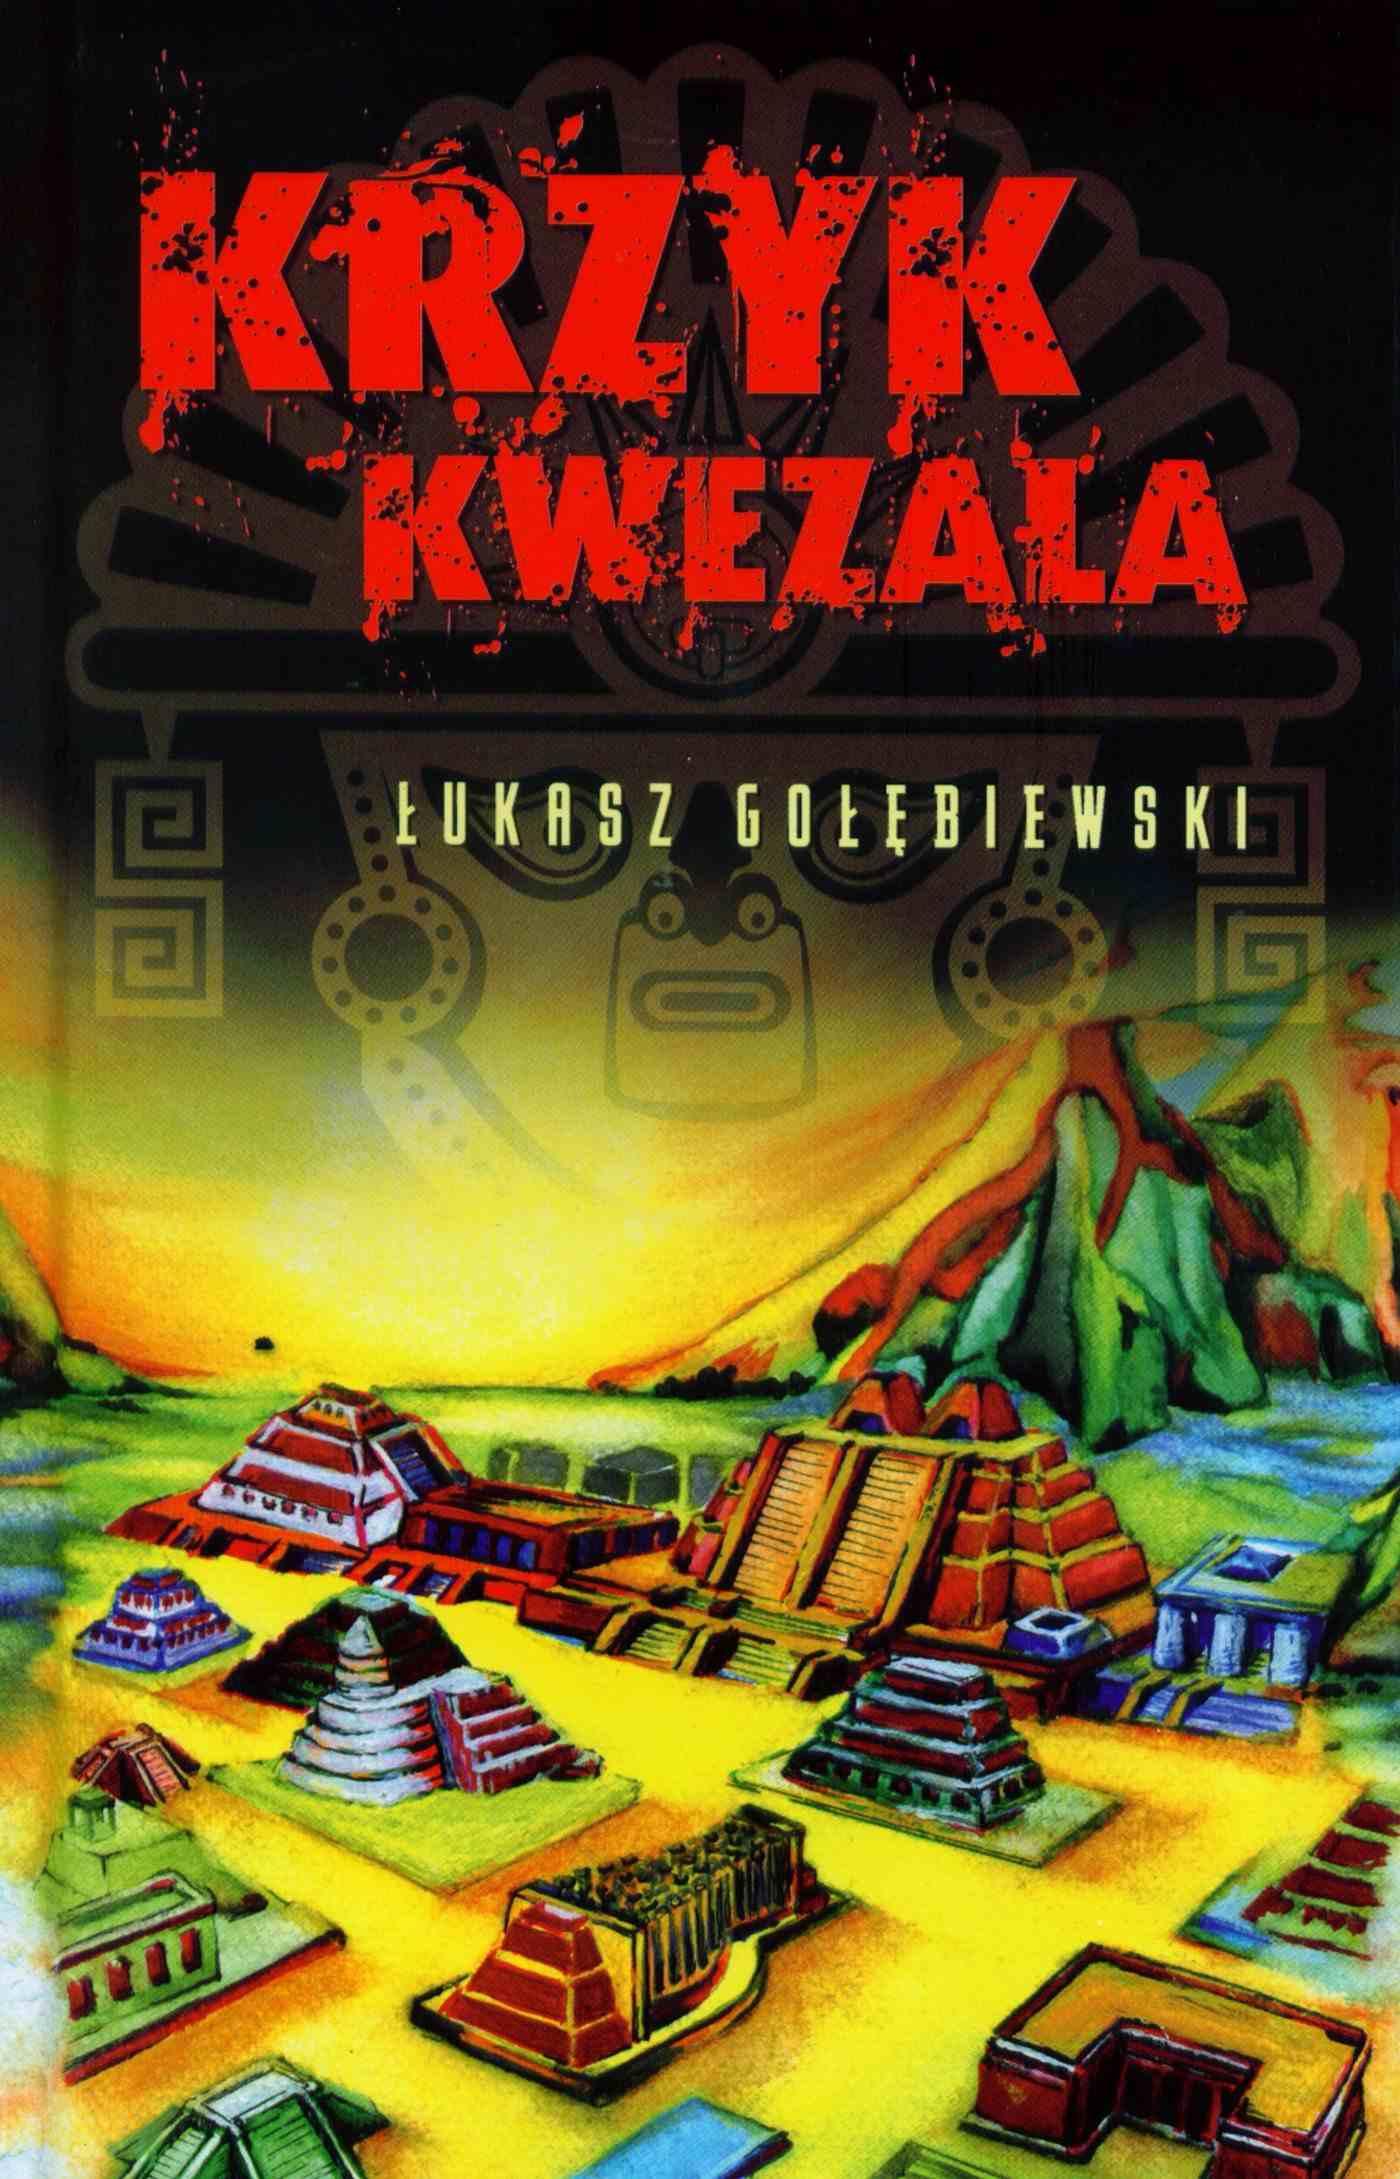 Krzyk Kwezala - Ebook (Książka EPUB) do pobrania w formacie EPUB